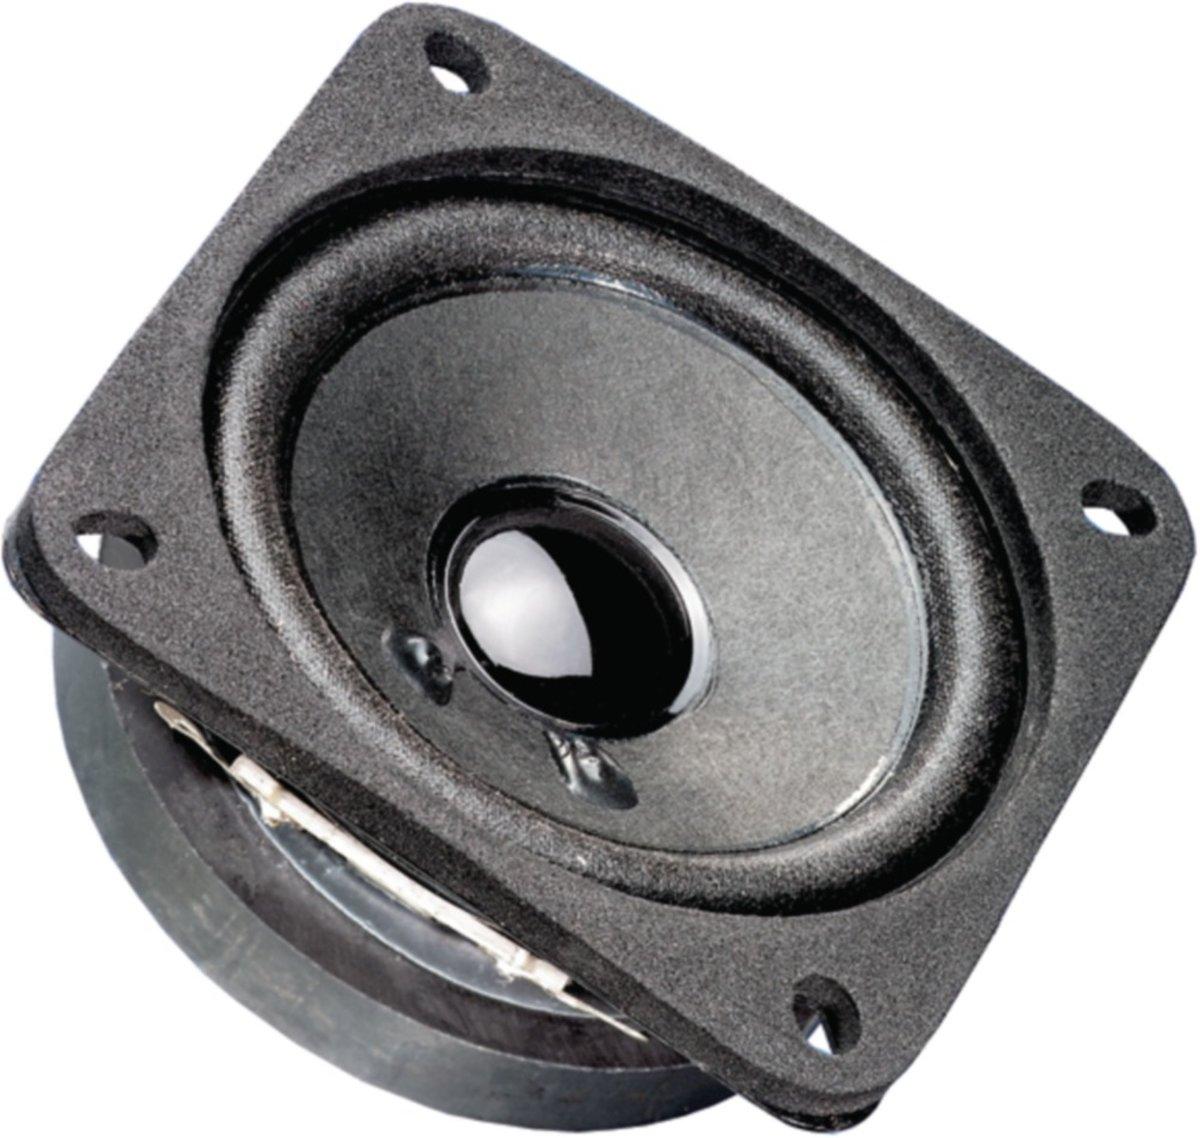 Visaton luidsprekers Full-range luidspreker 6.5 cm (2.5